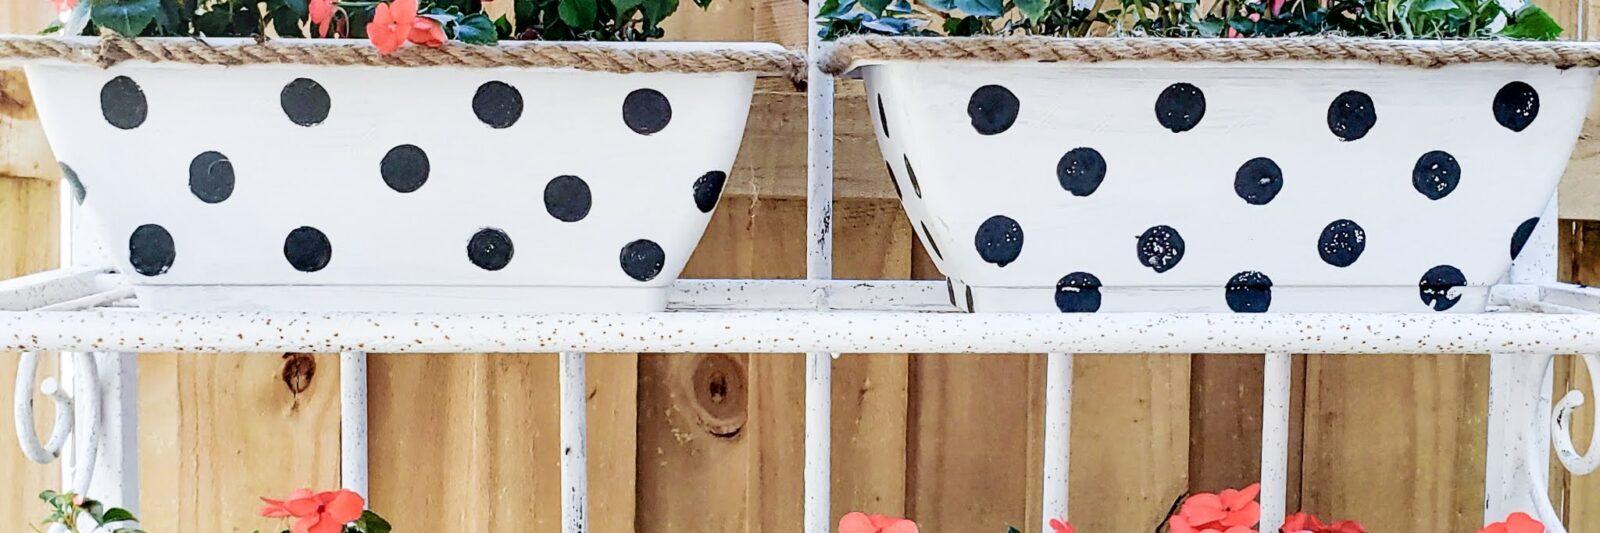 Dollar Tree DIY Flower Pots